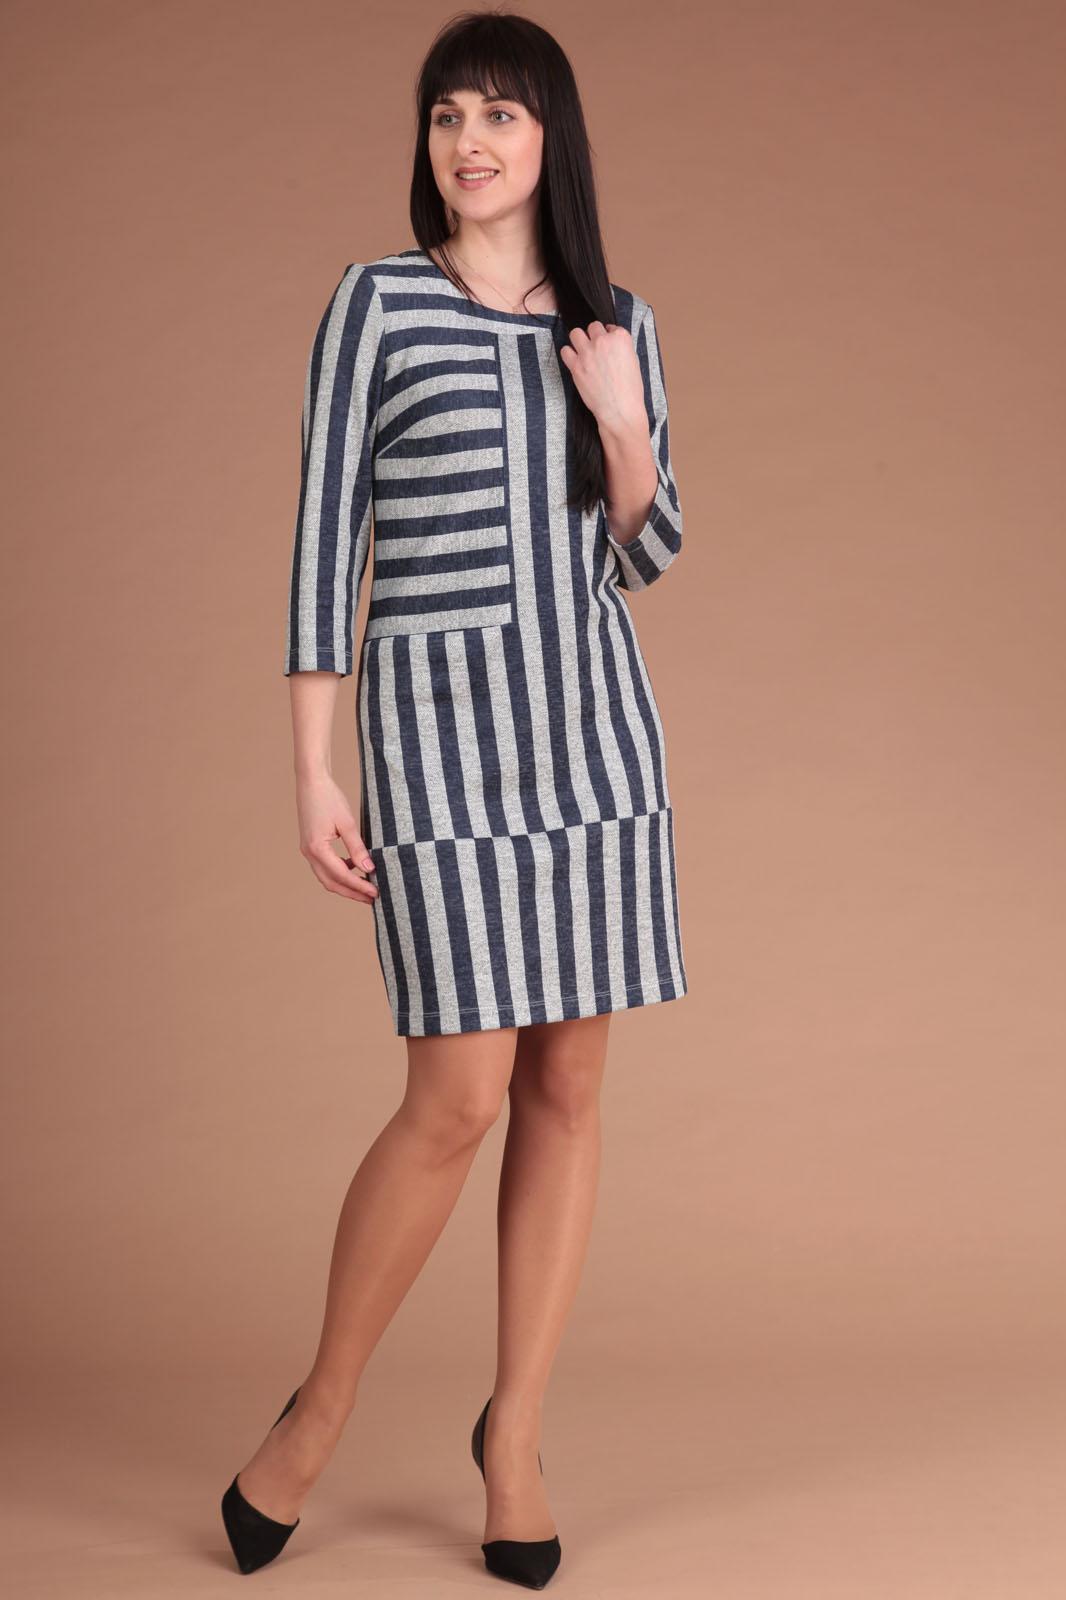 Купить платье большого размера в Минске. Белорусские платья для полных 7cf557168d66c